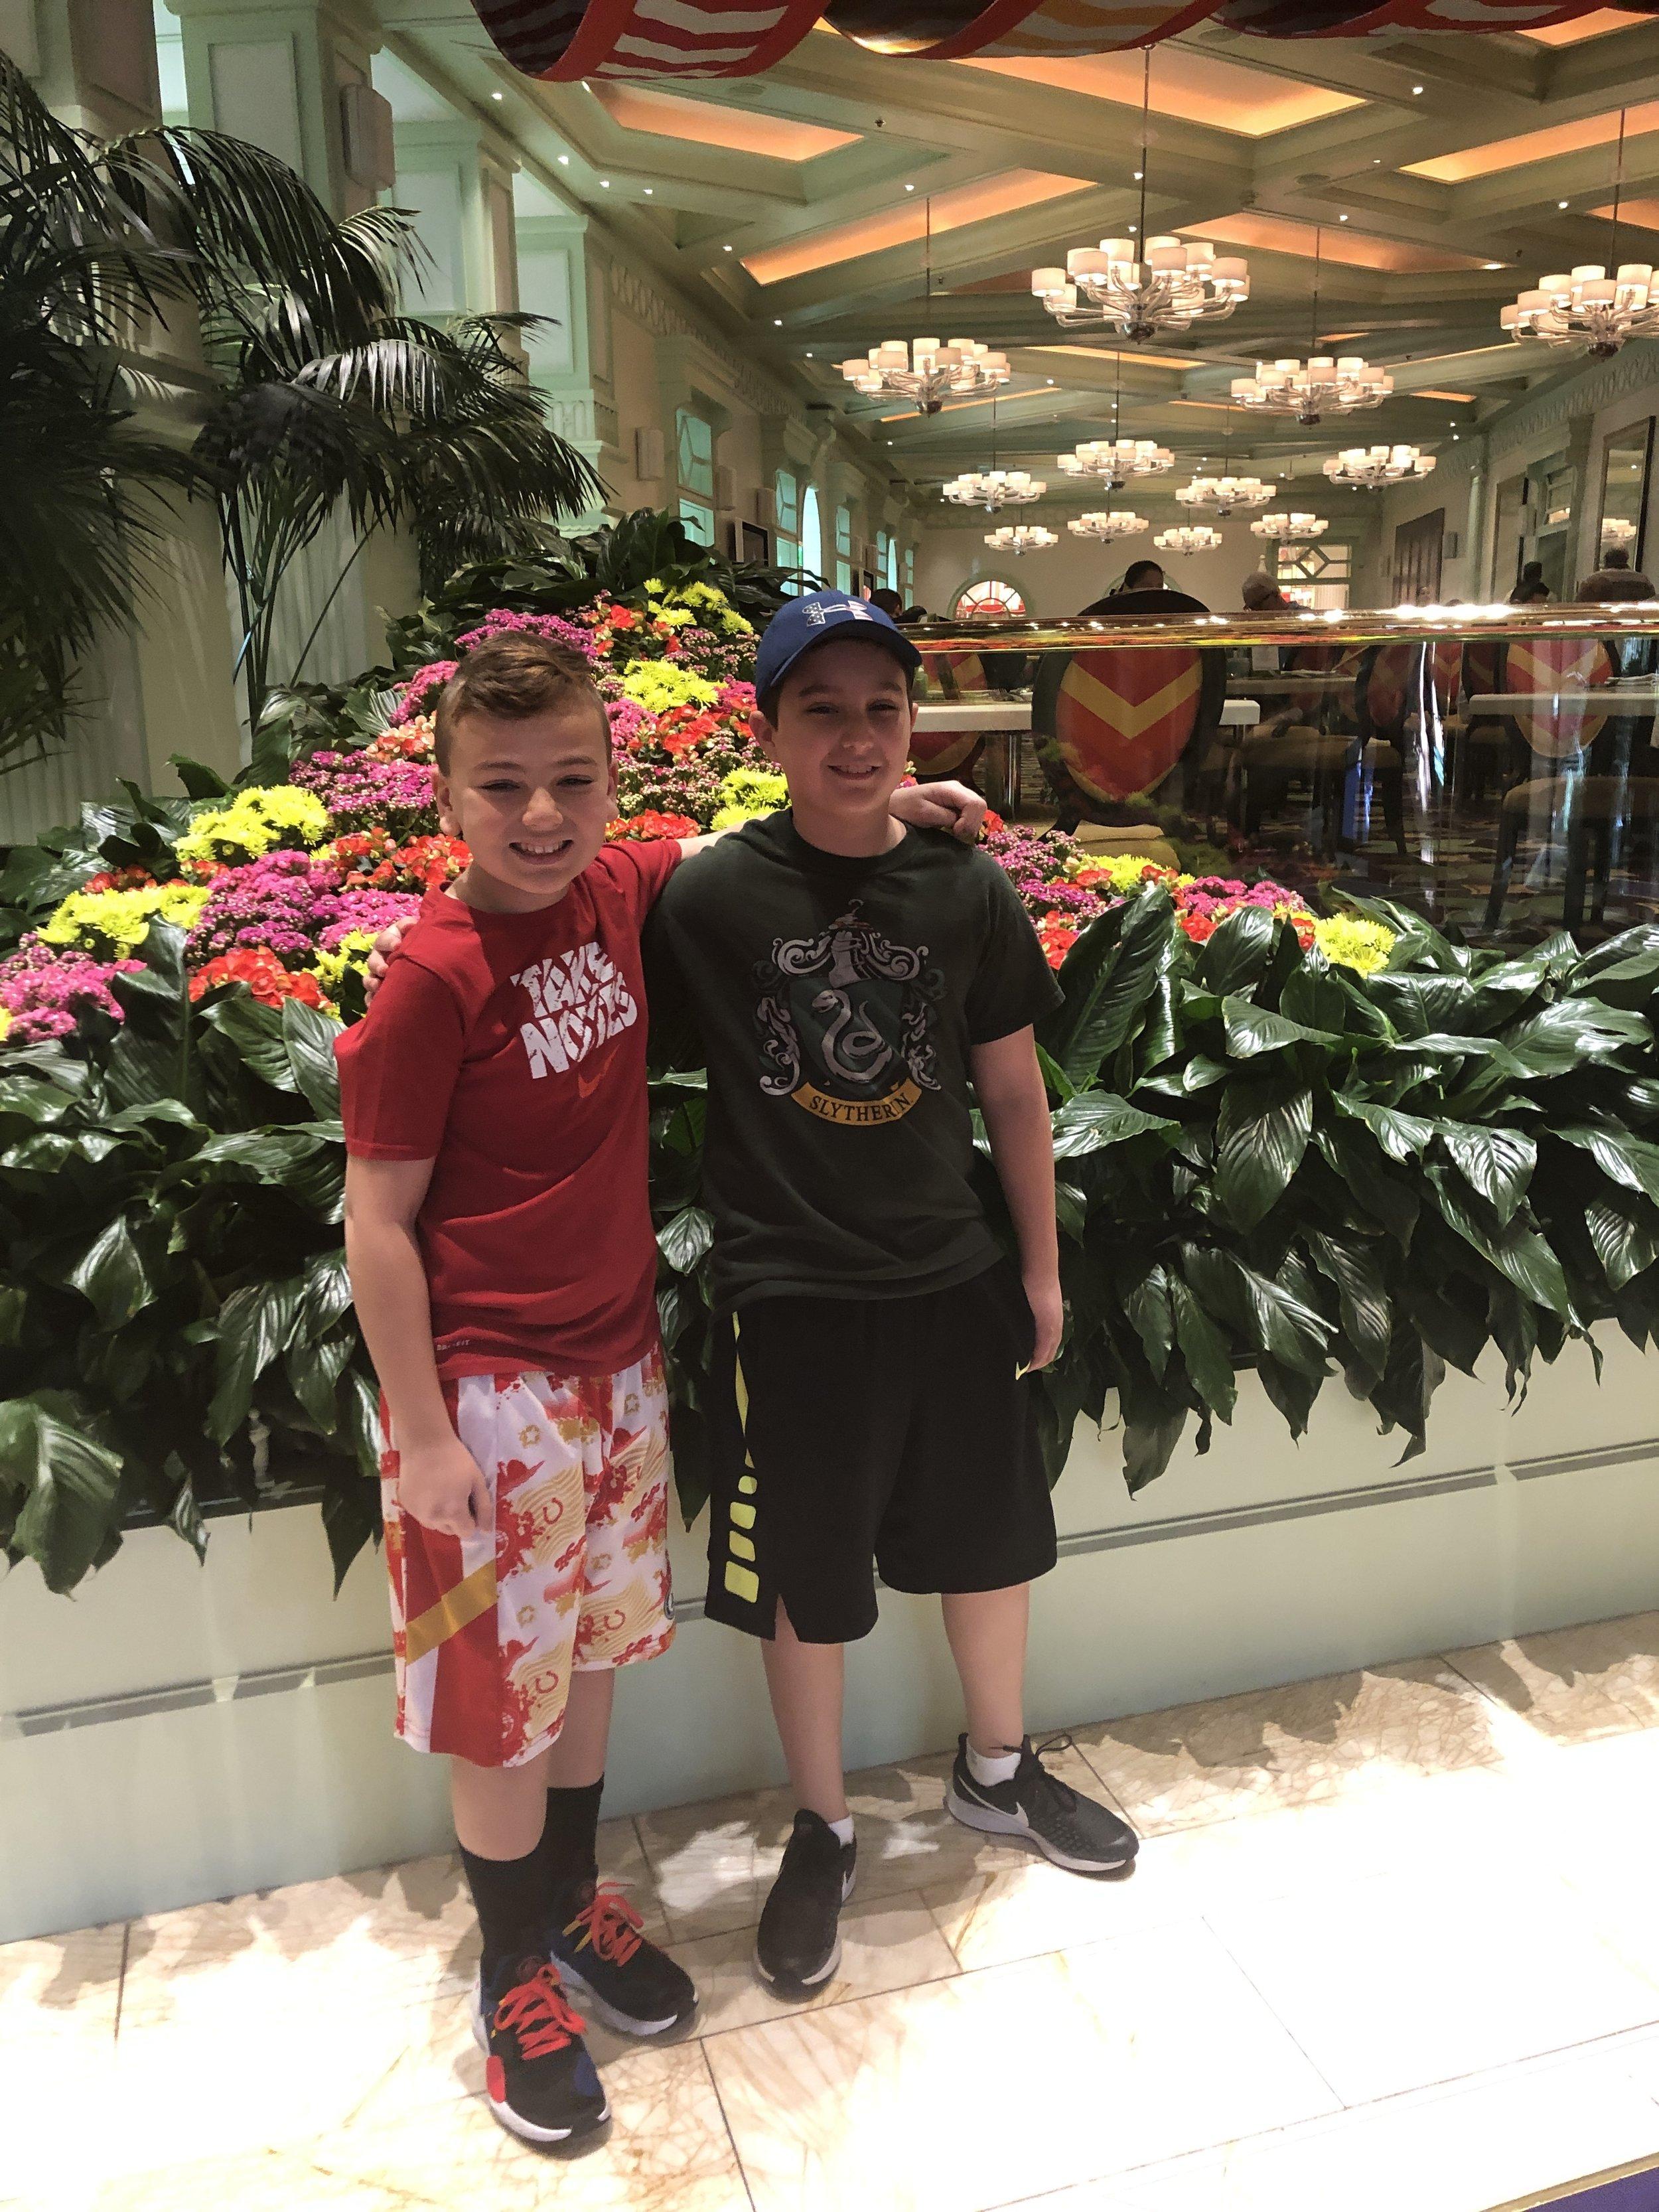 Zach and Josh